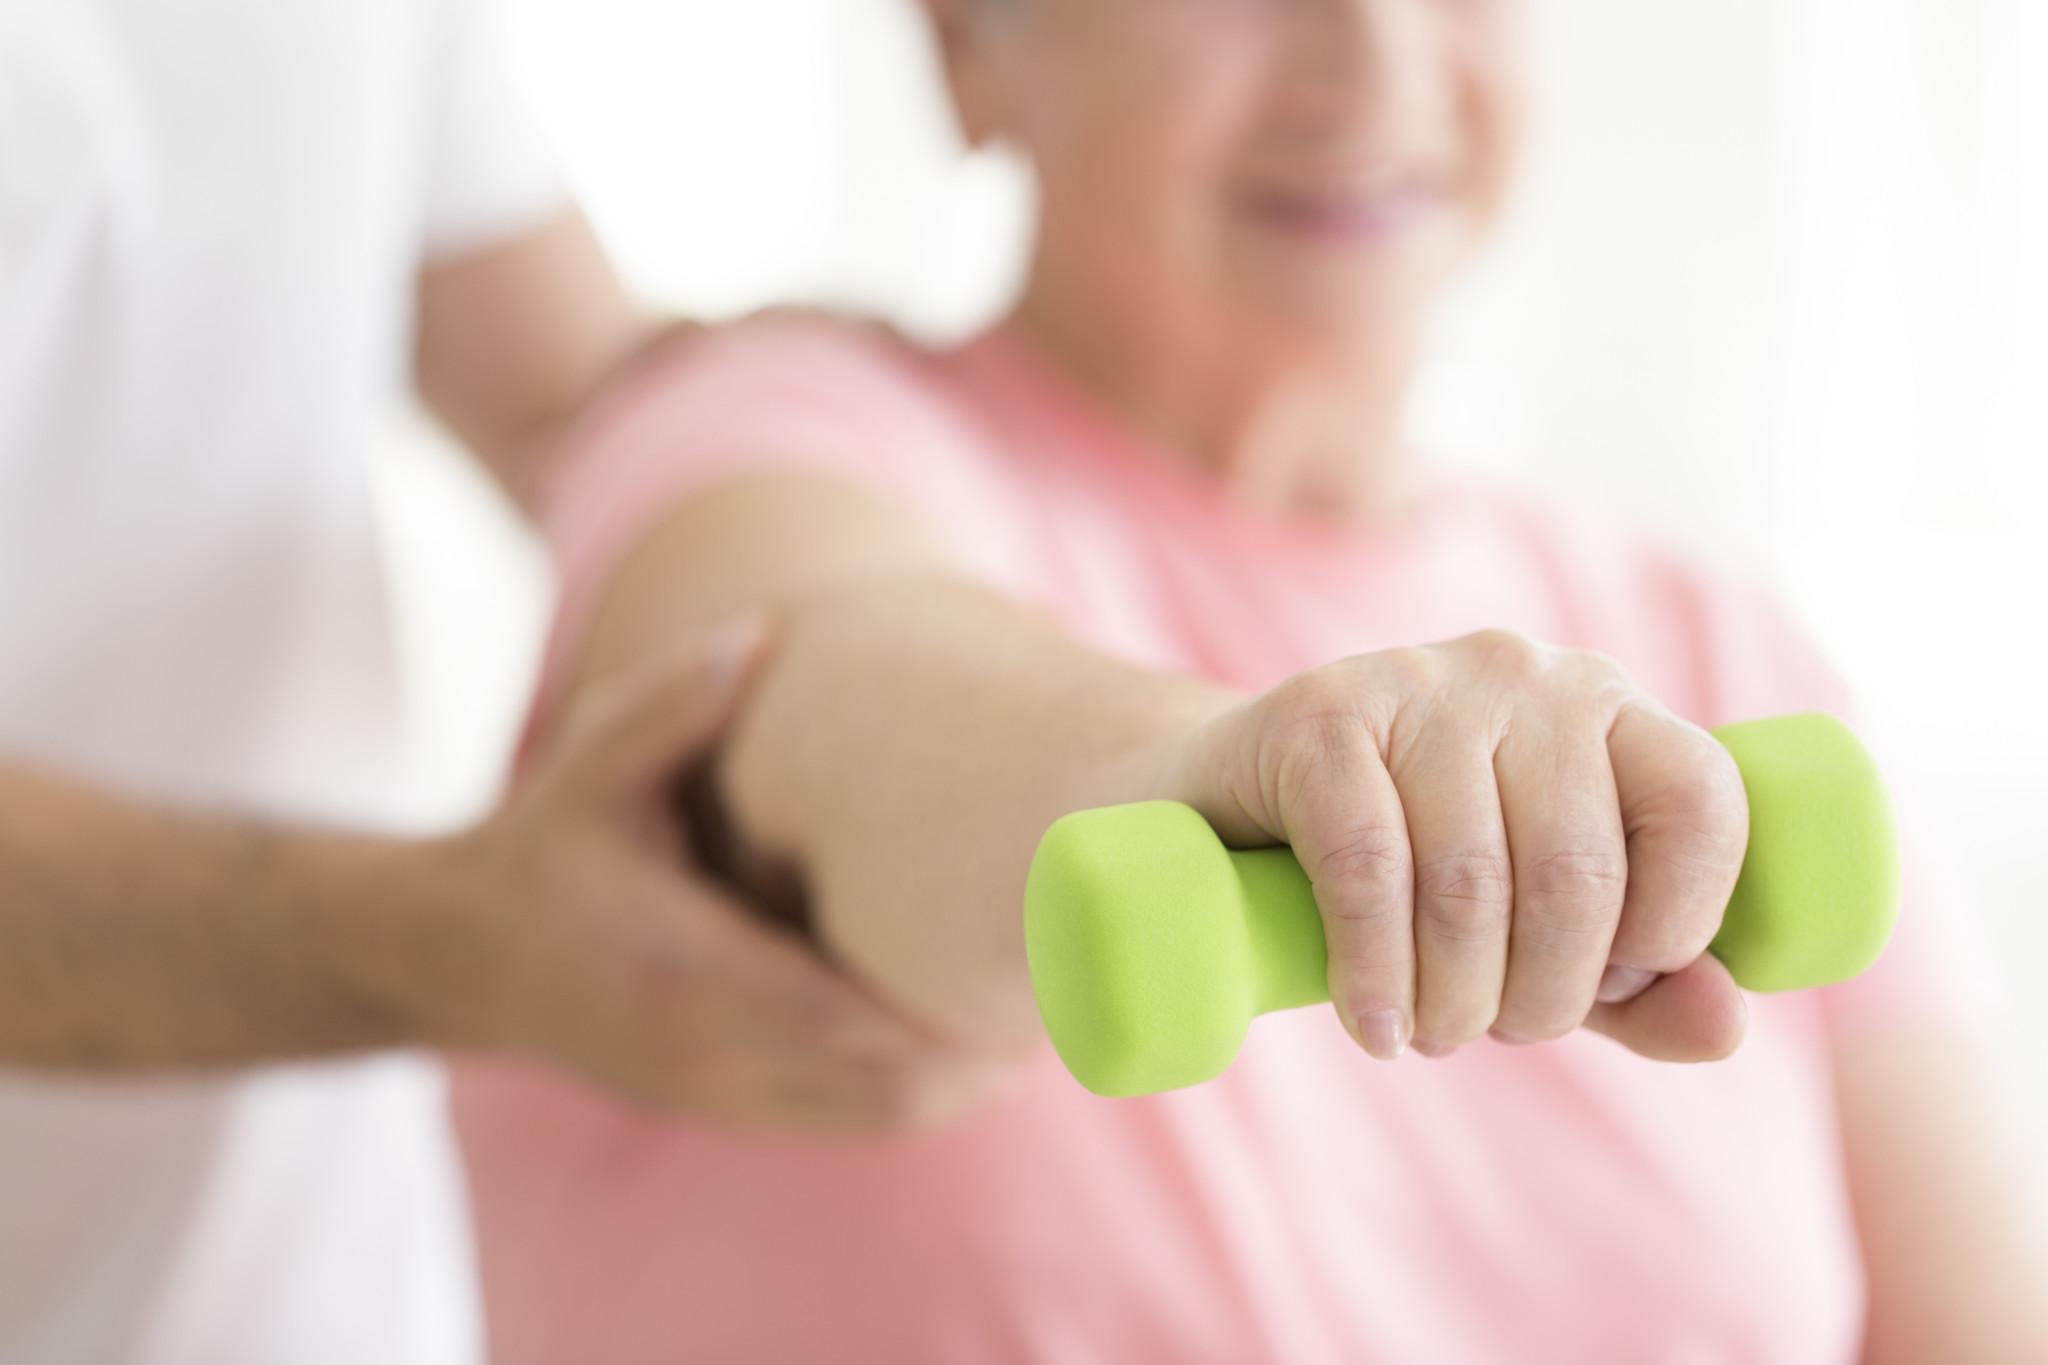 egzersiz yapan eklem hastası kadın, eklem ağrılarına ne iyi gelir